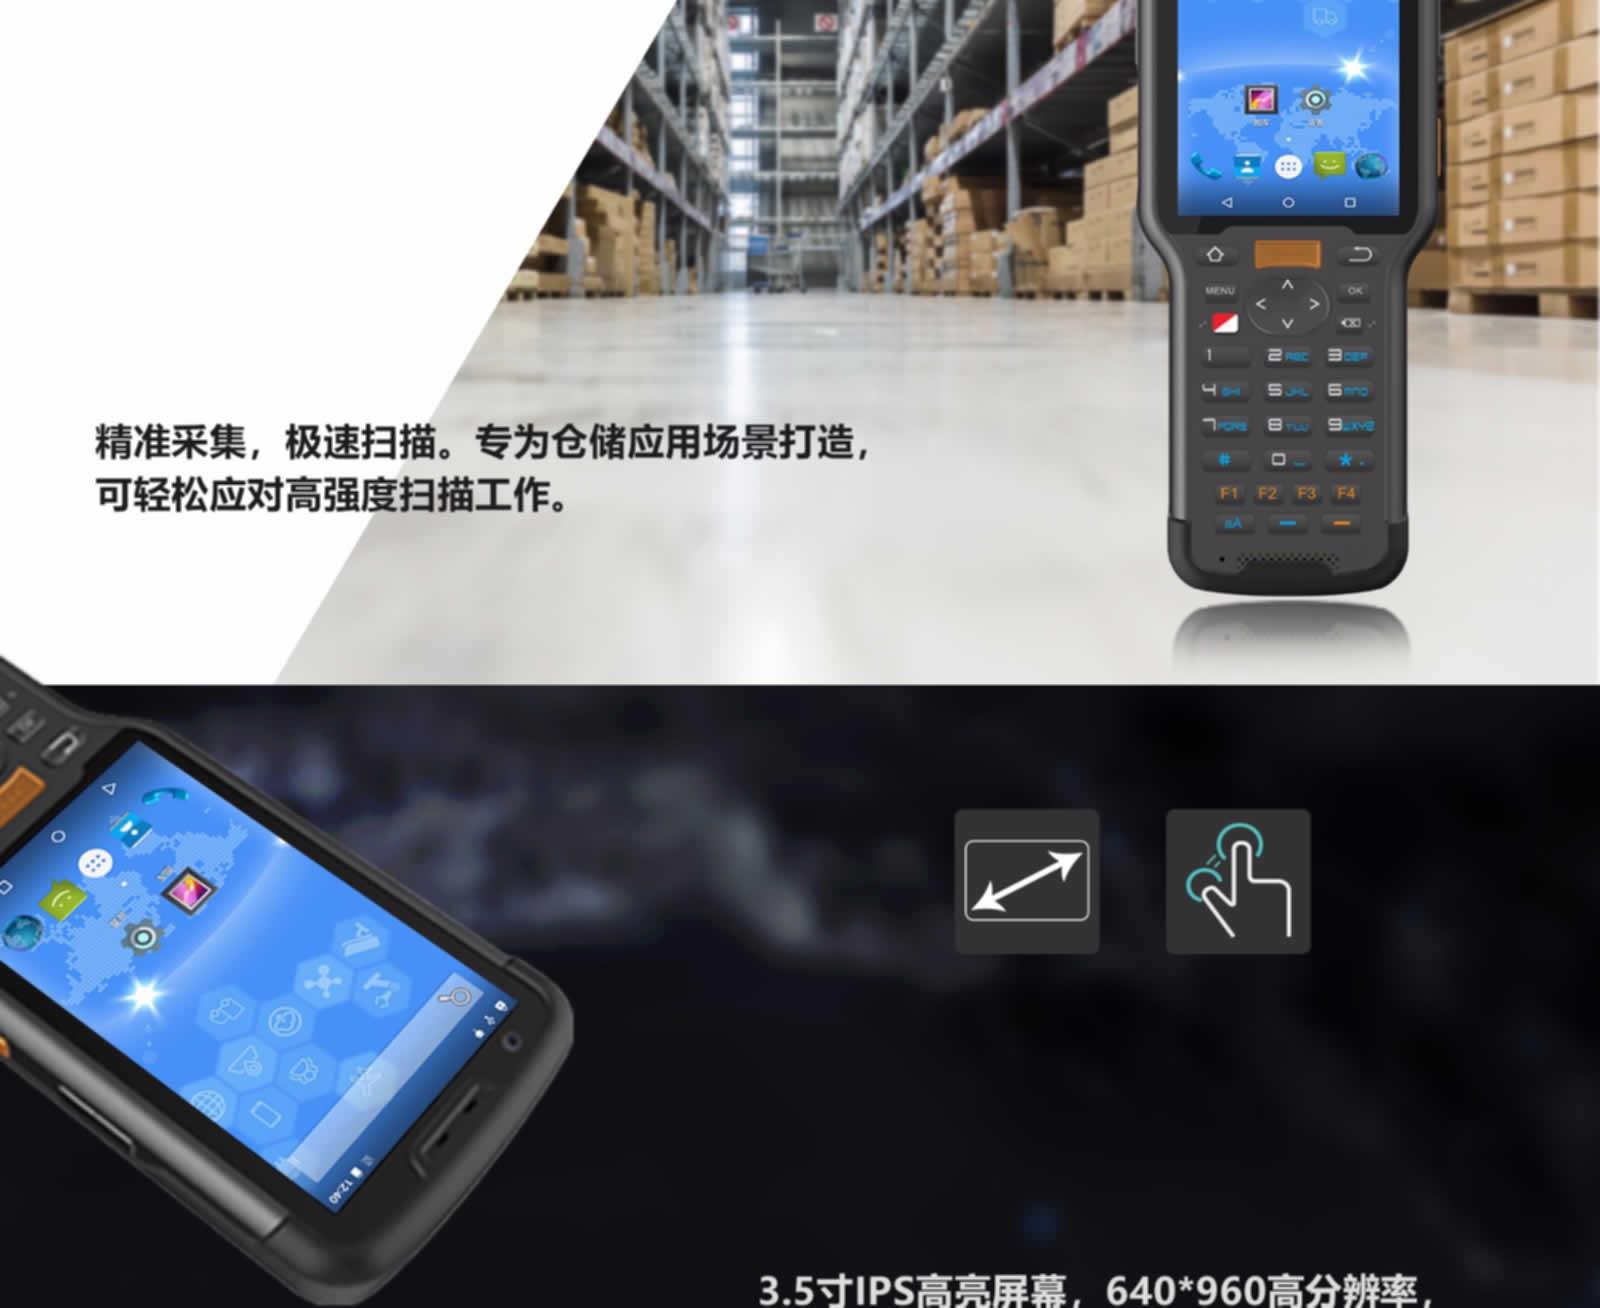 手持终端 Android CC618  高清屏幕 支持手套模式和带水触屏  可代开发APP